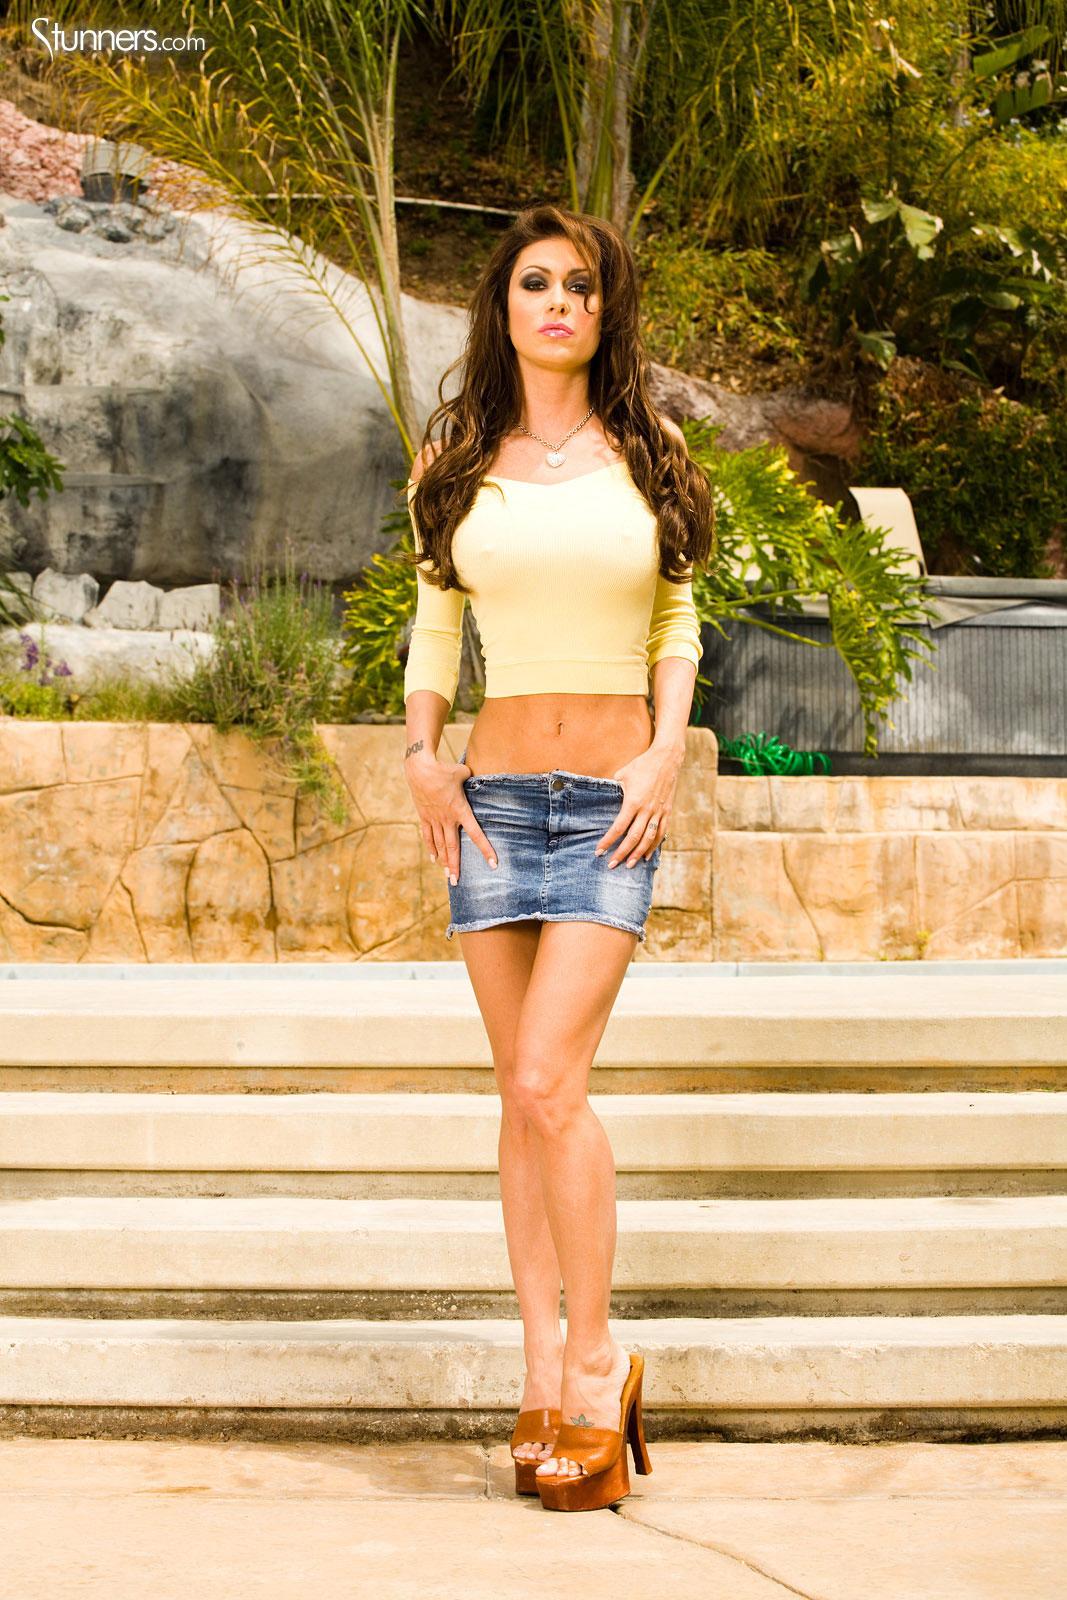 Высокого роста Jessica Jaymes в джинсовой мини-юбке показывает свои самые длинные ножки и самую округлую грудь на улице